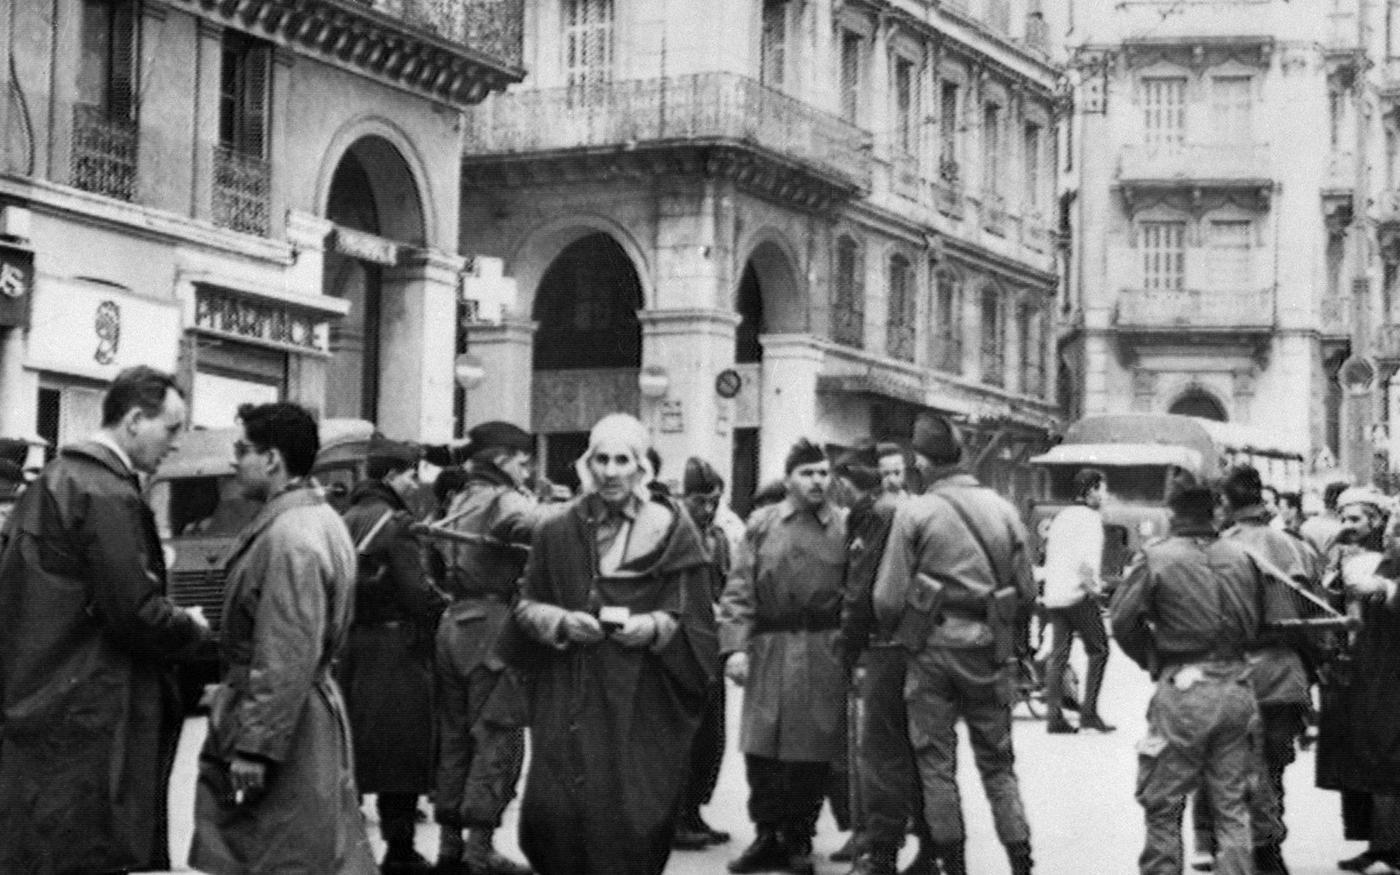 Des soldats français contrôlent l'identité de musulmans à un poste de contrôle, le 12décembre1960, en Algérie, quelques jours avant un communiqué de l'ONU reconnaissant le droit à l'autodétermination des Algériens (AFP)